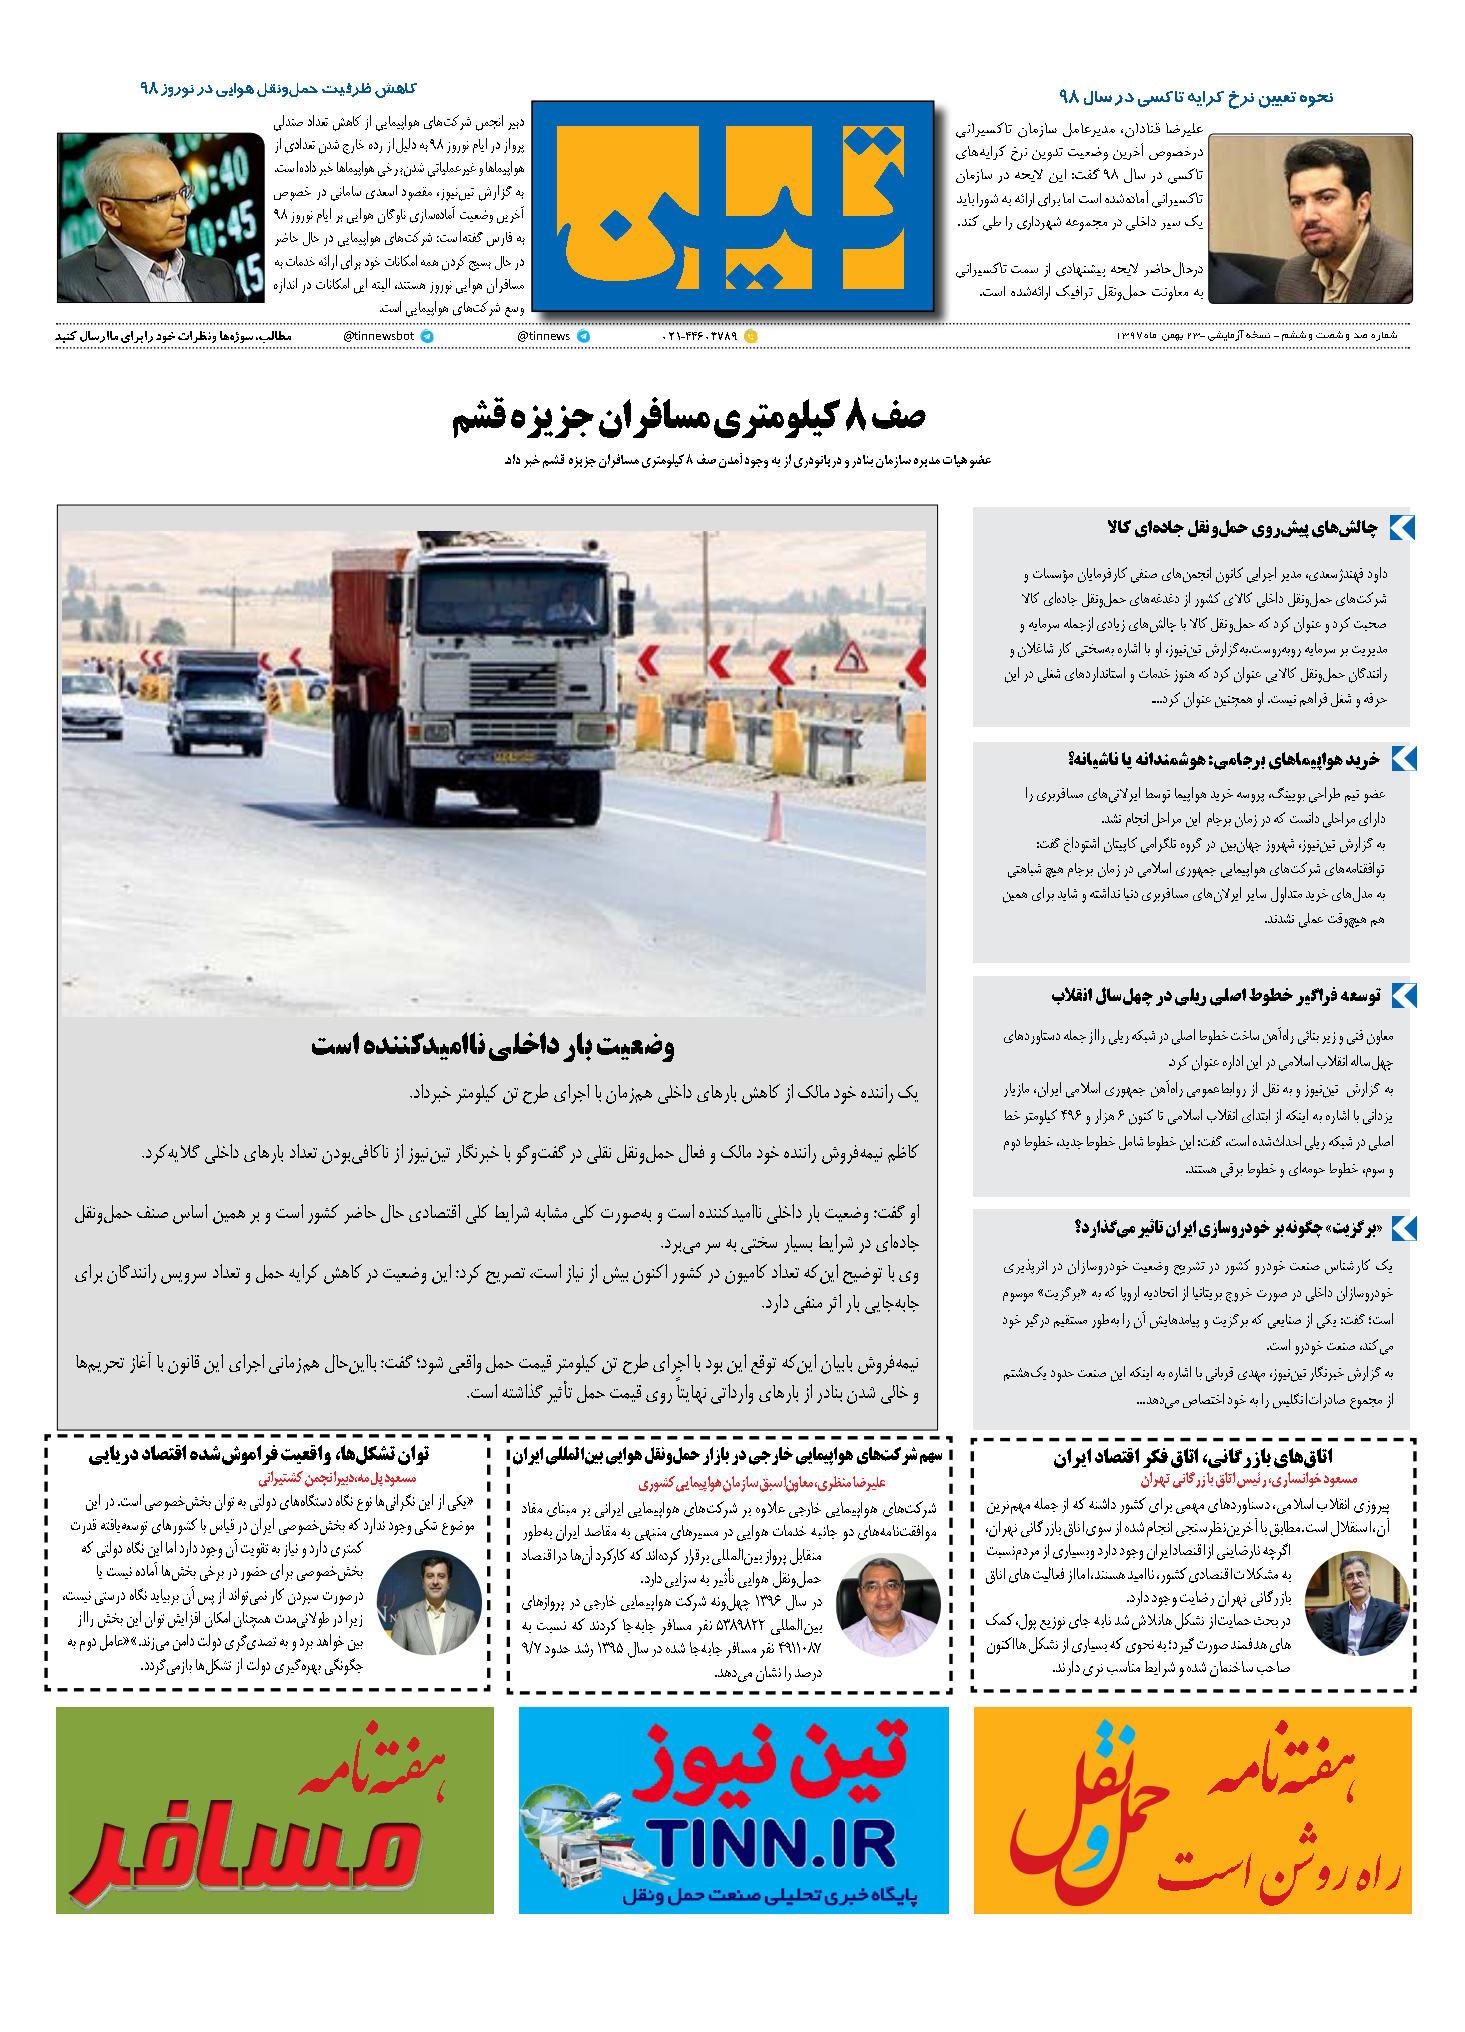 روزنامه الکترونیک 23 بهمن ماه 97